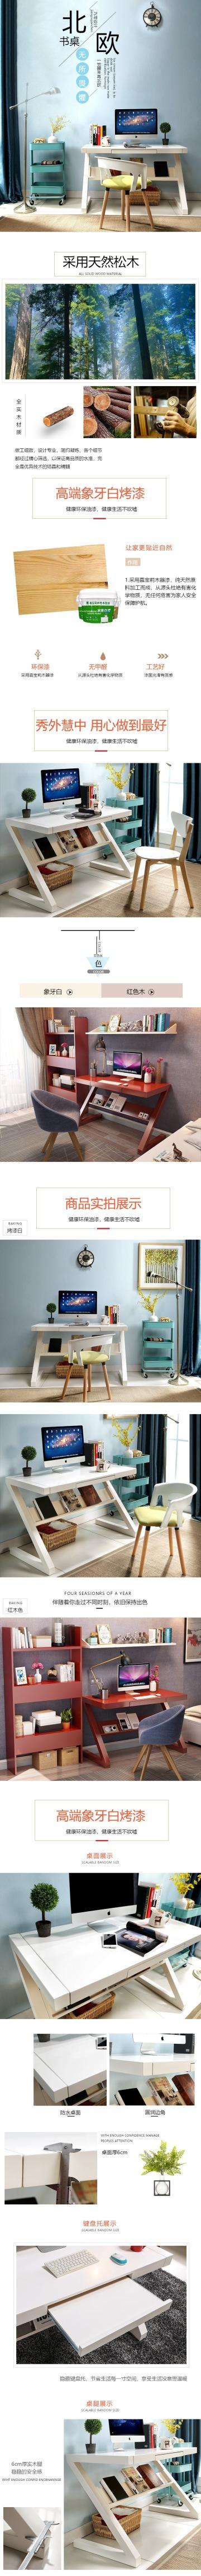 灰色时尚北欧家居家装书桌宣传营销电商详情页